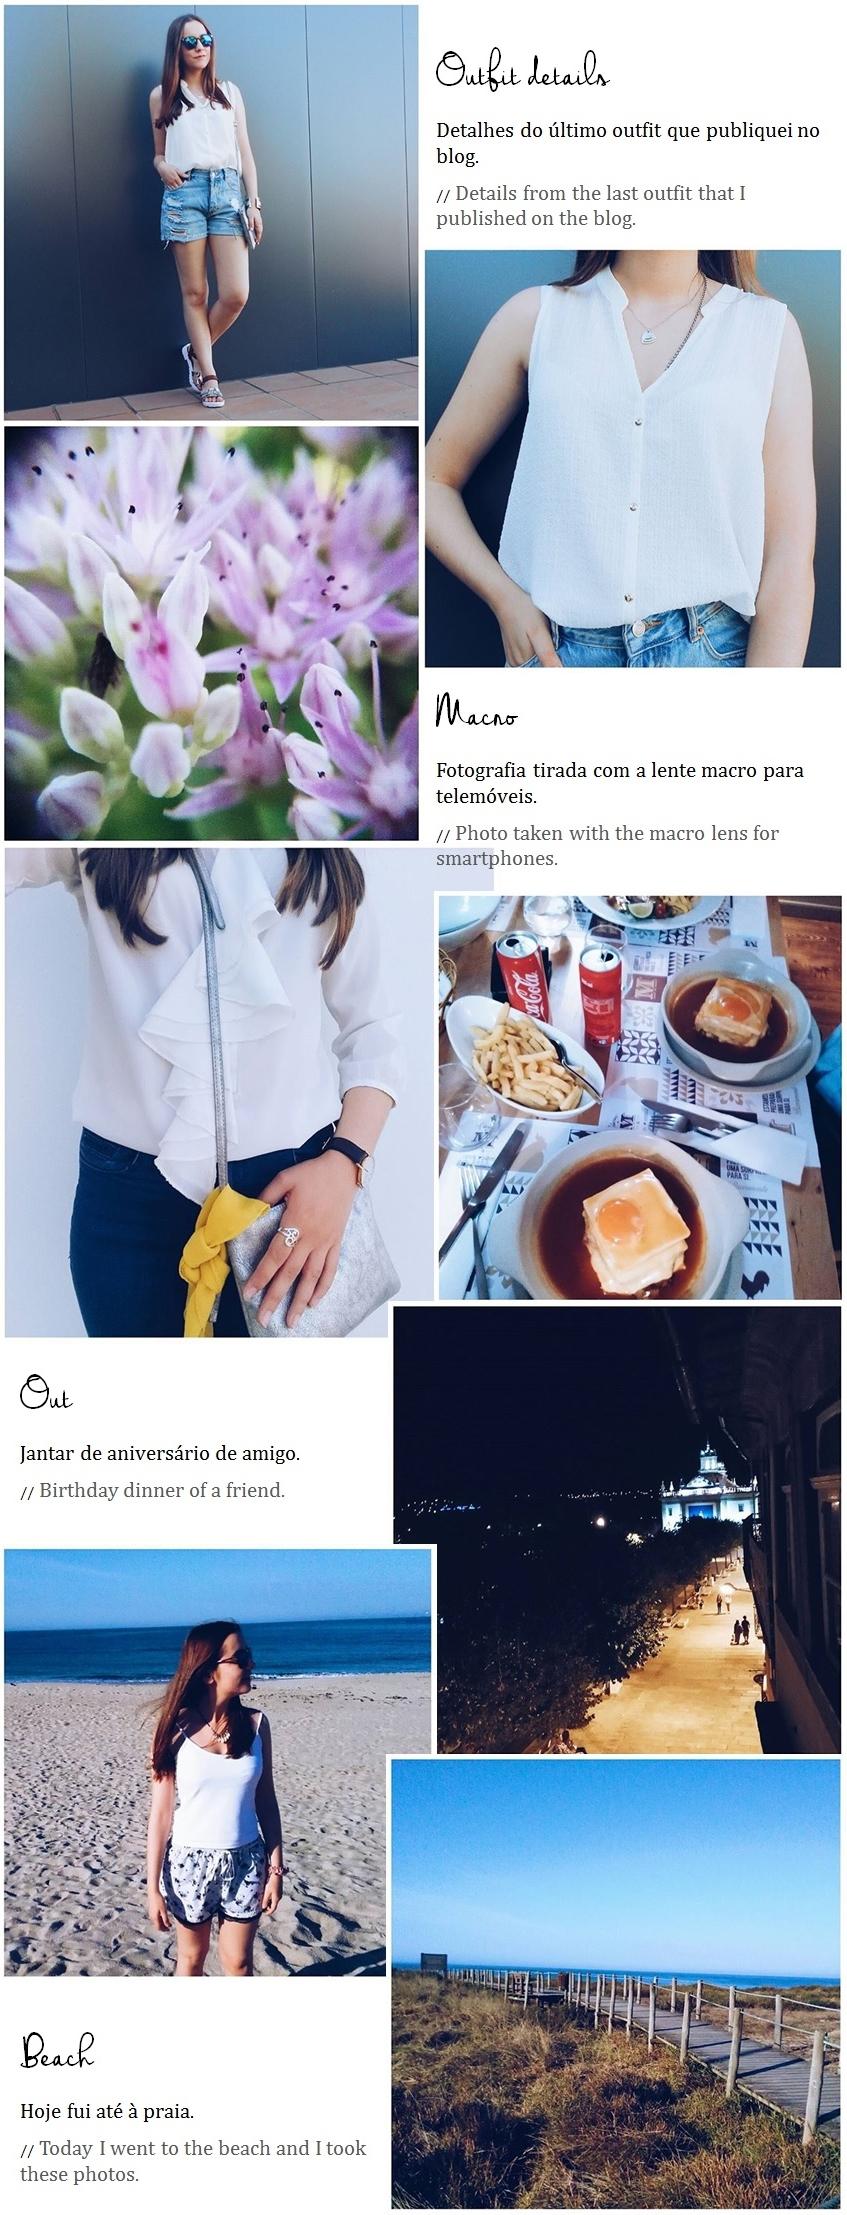 #28 My days through Instagram